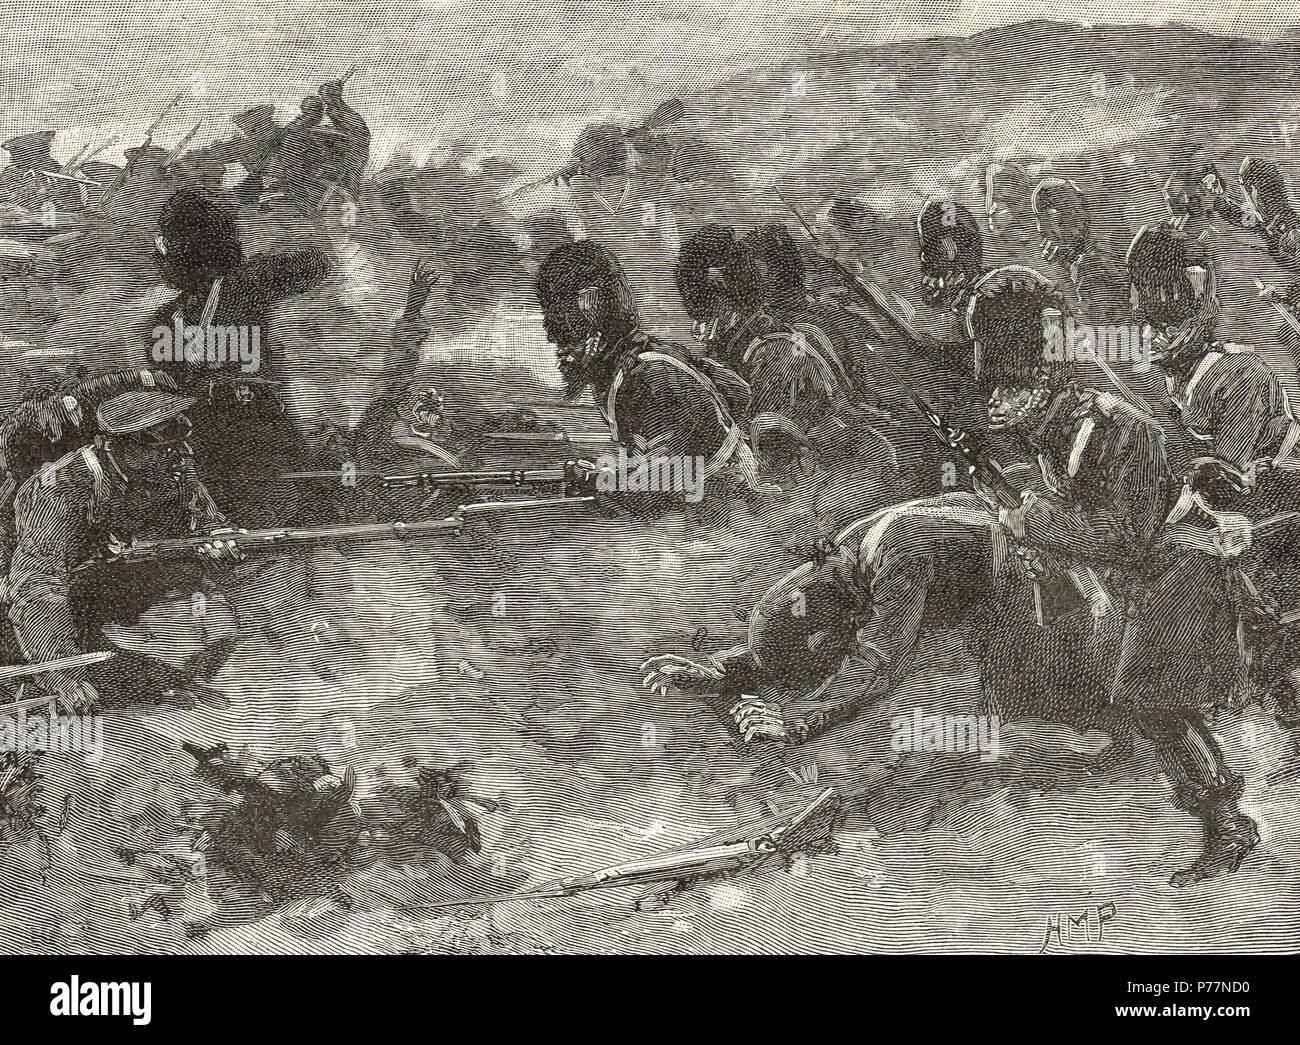 La Brigada de Guardias, recuperando la bolsa de arena batería, Batalla de Inkerman, 5 de noviembre de 1854 Foto de stock